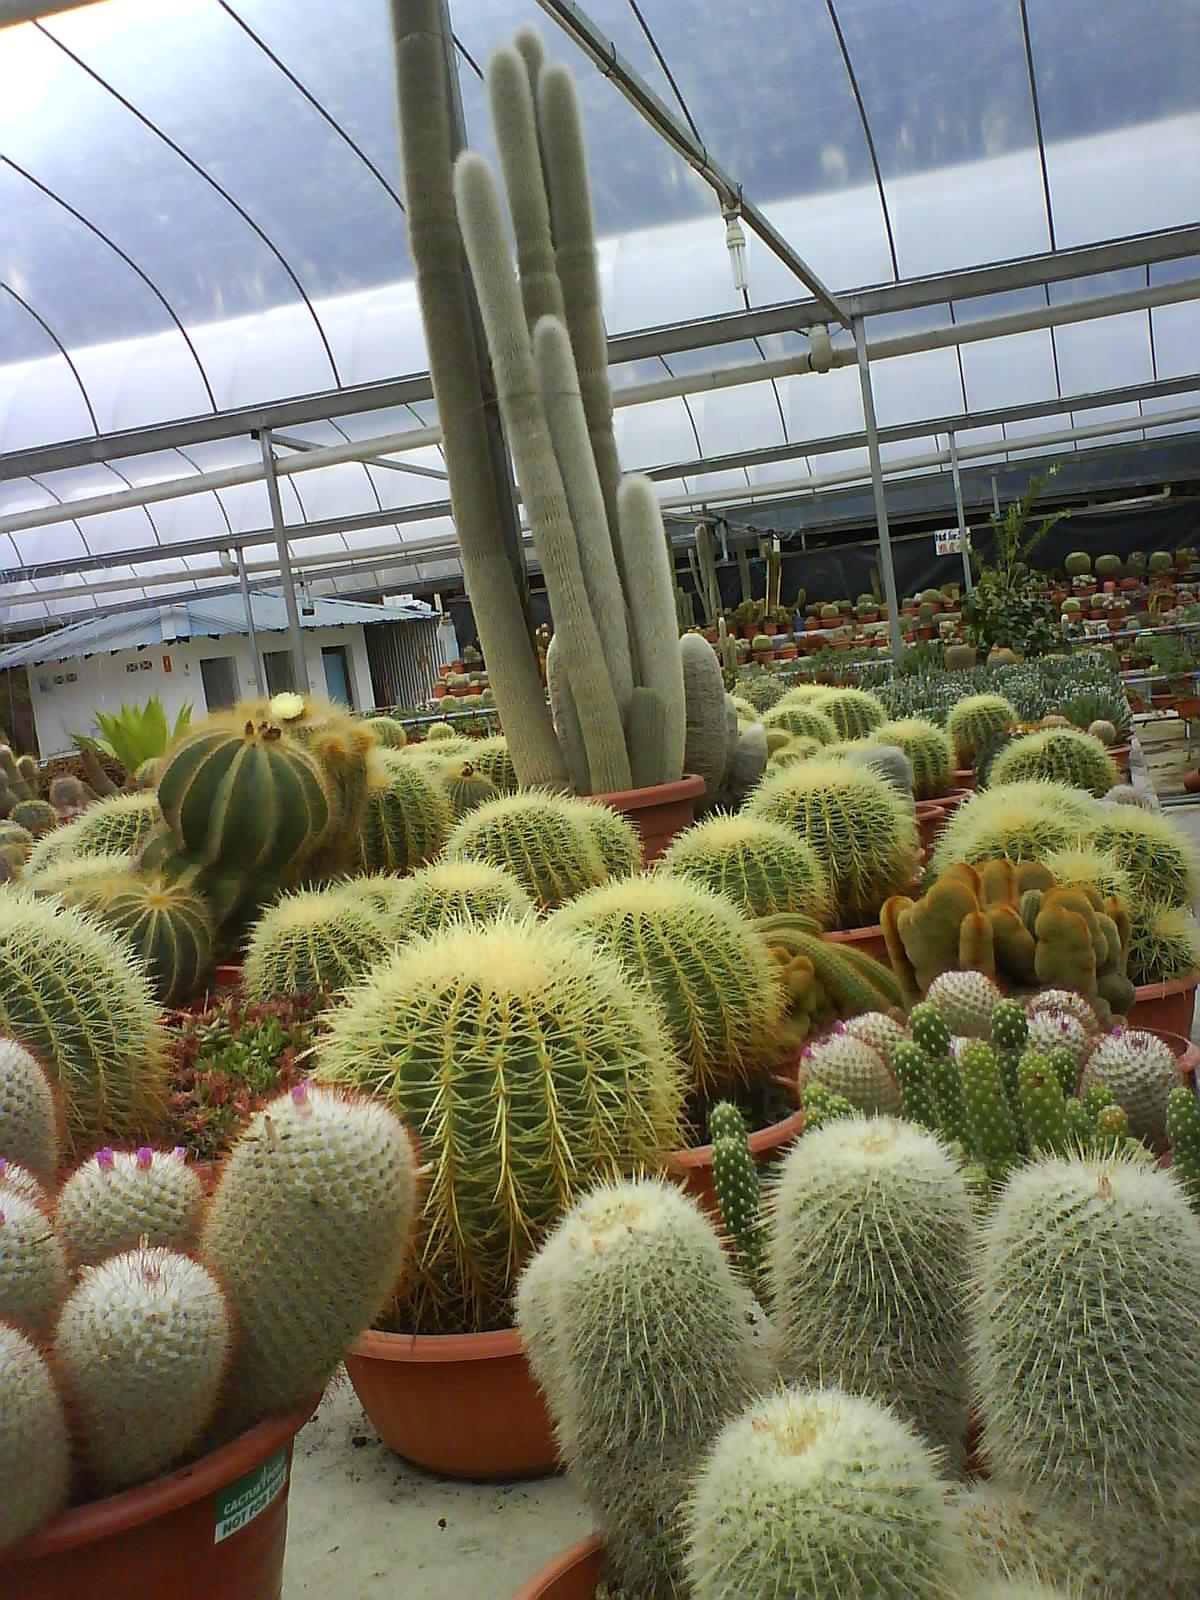 kaktus yg cantik tapi berduri..